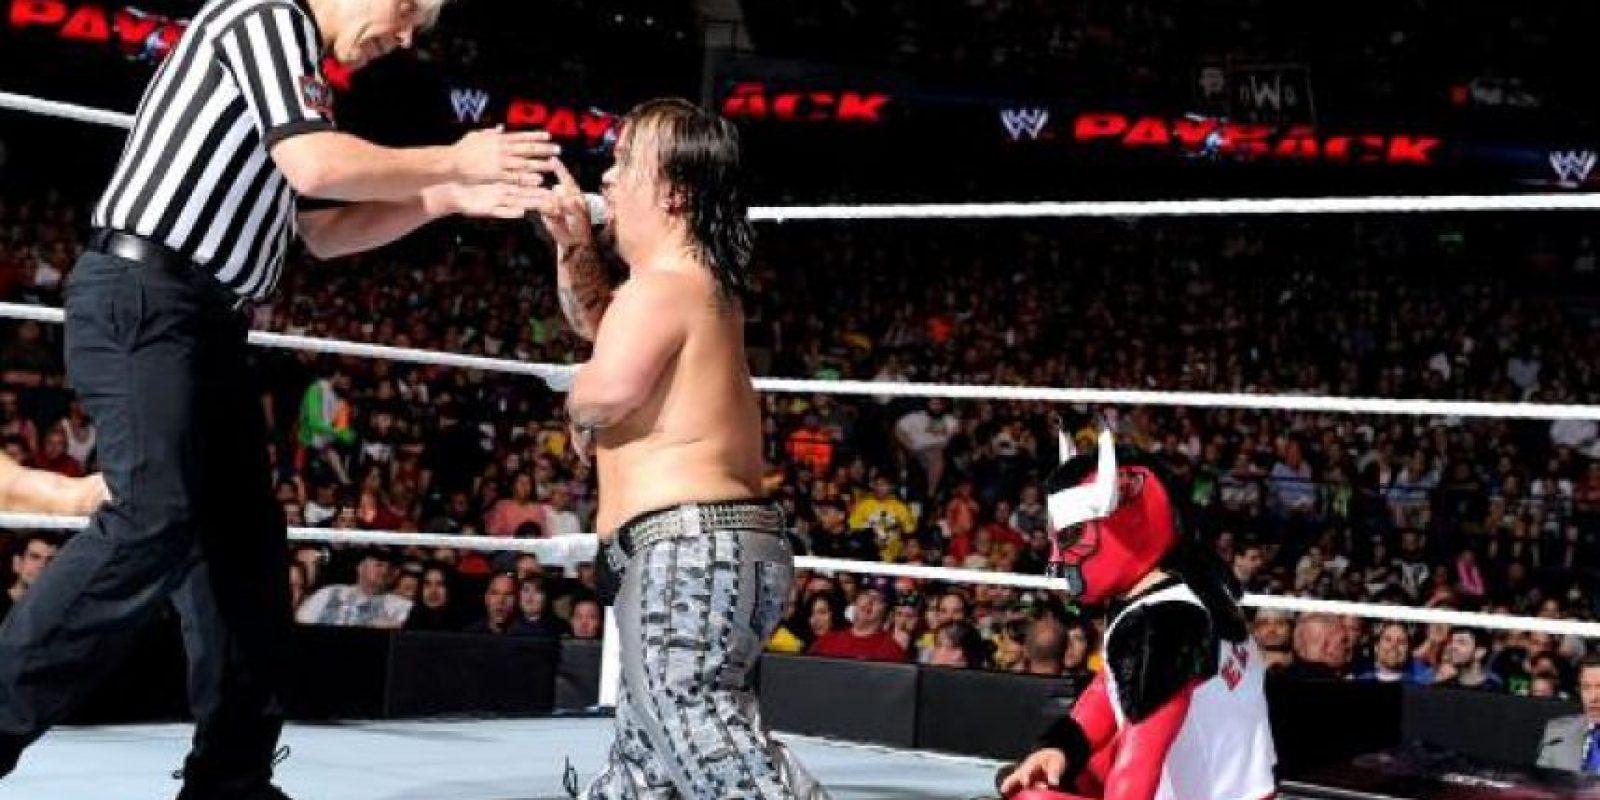 Su nombre real es Dylan Postl. Foto:WWE